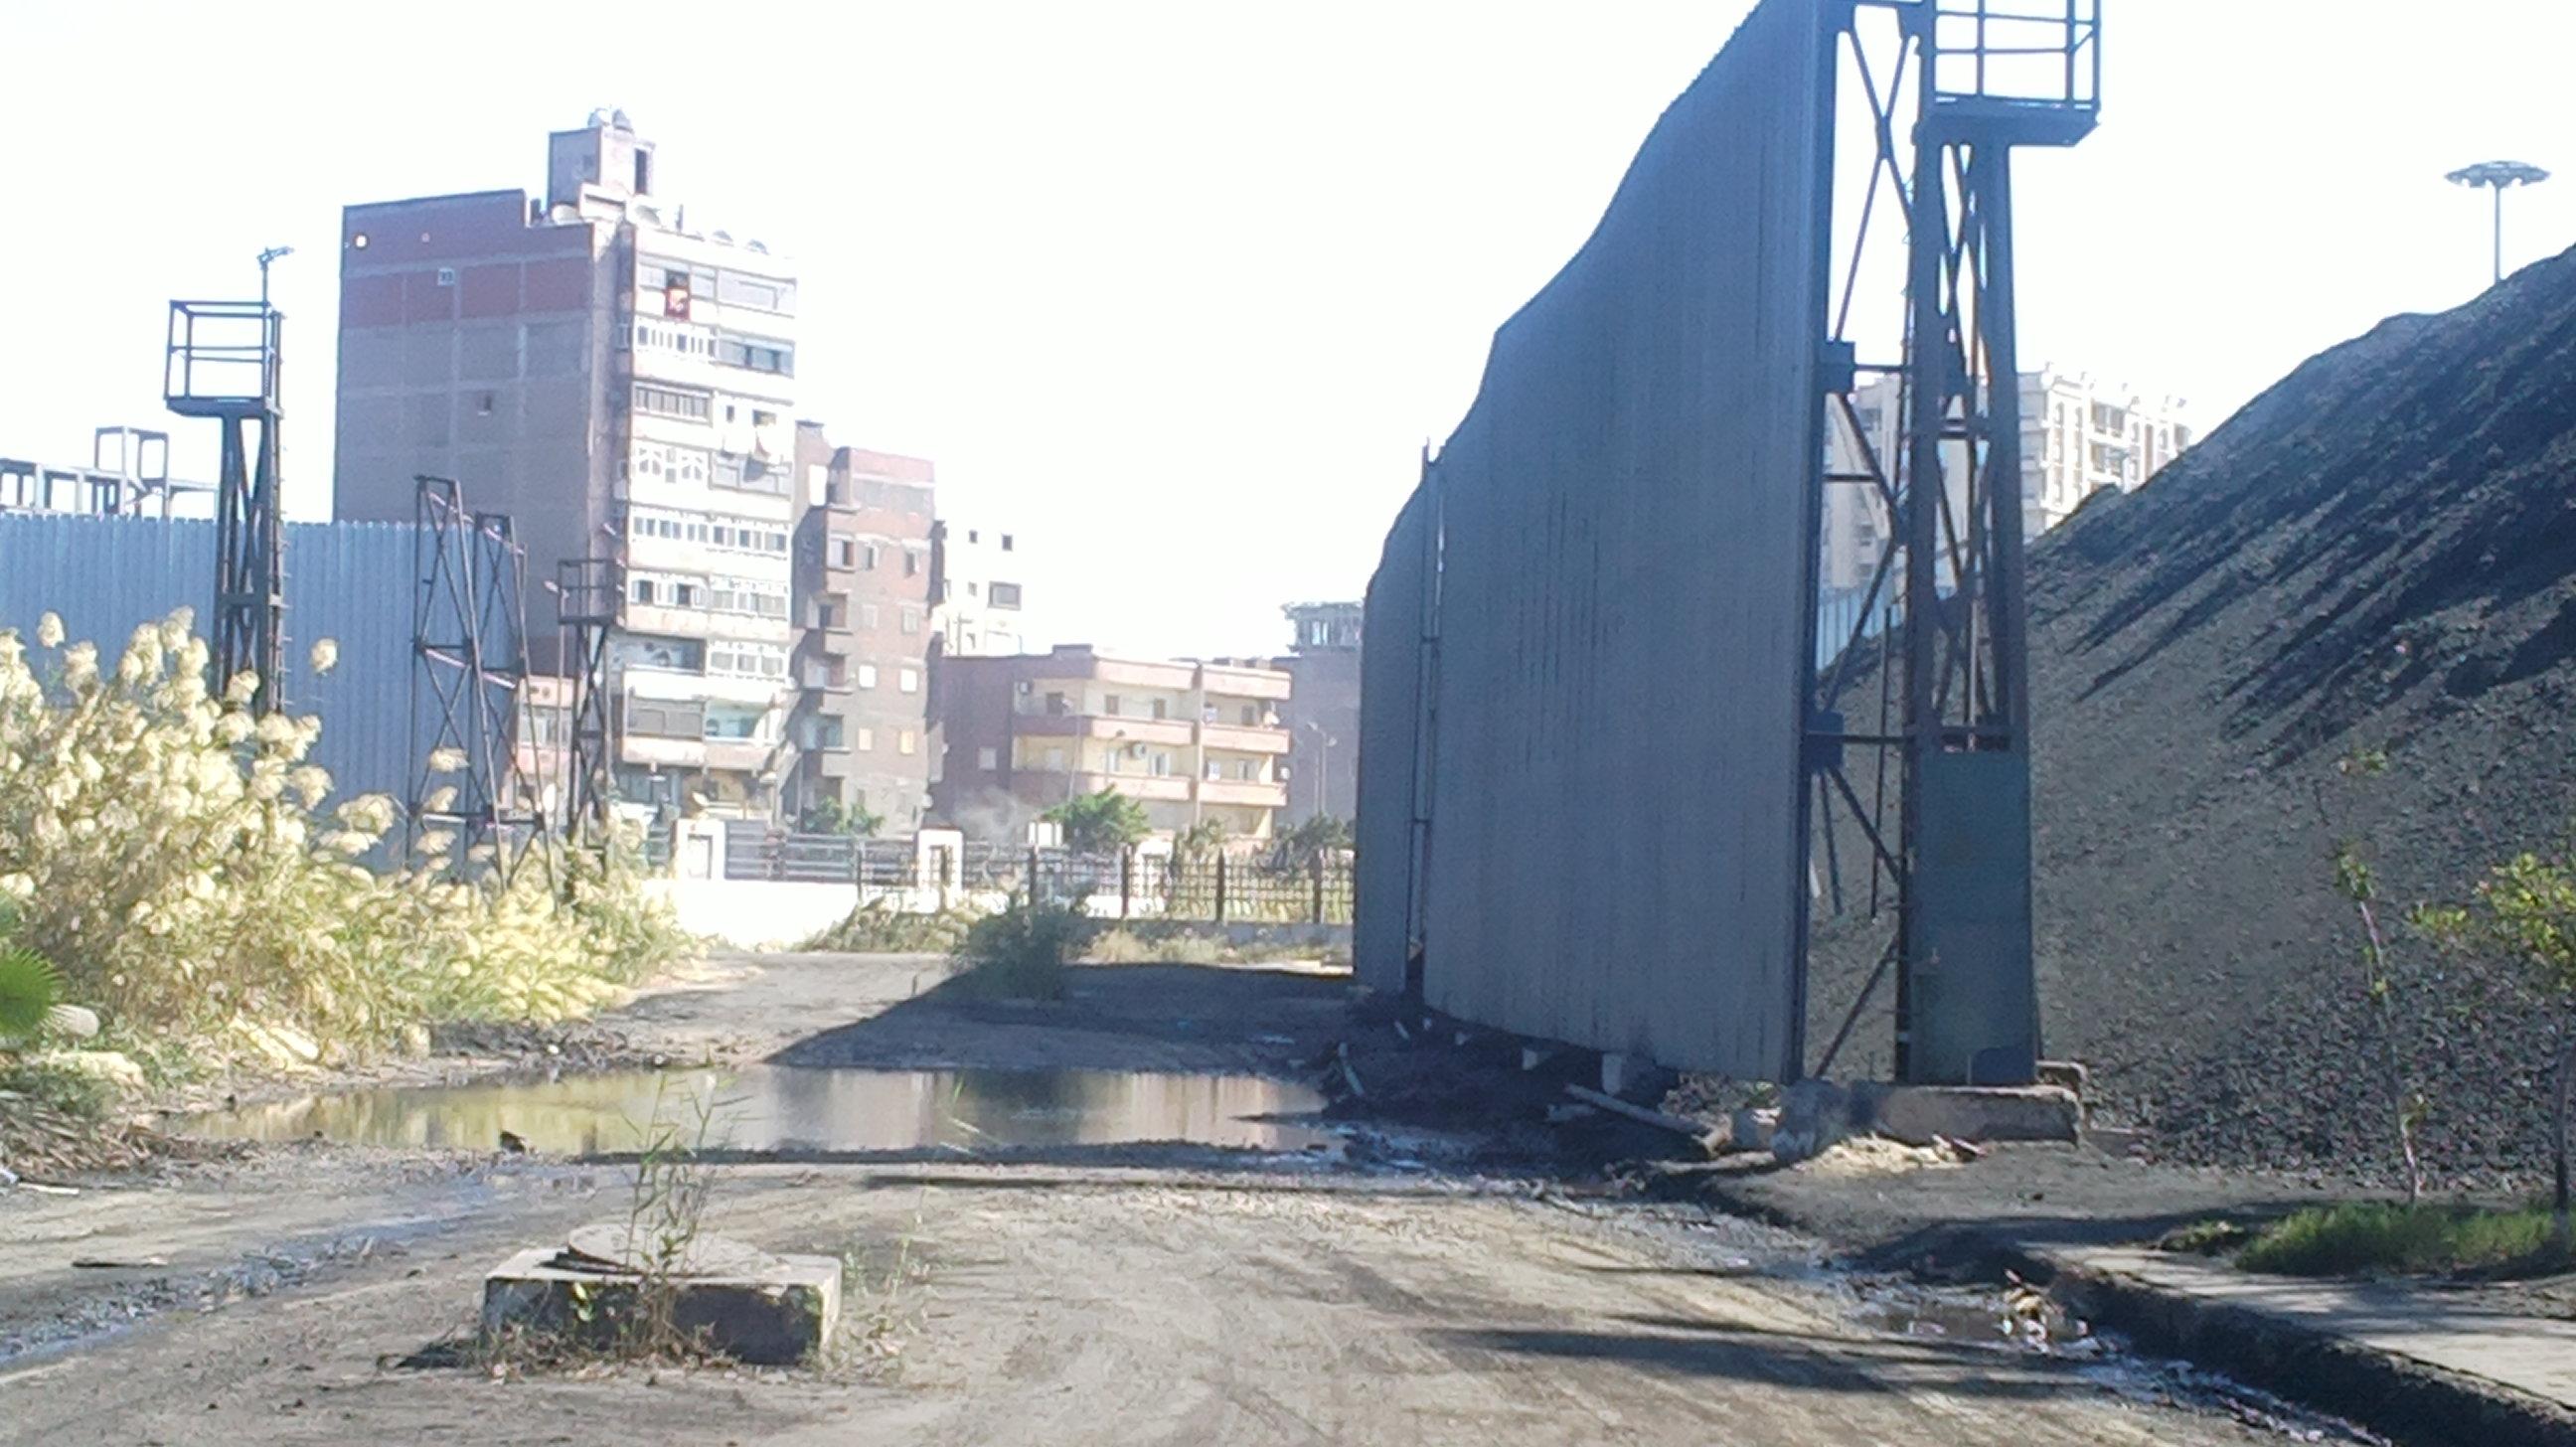 فحم غير قانوني في ميناء الدخيلة، الأسكندرية ١